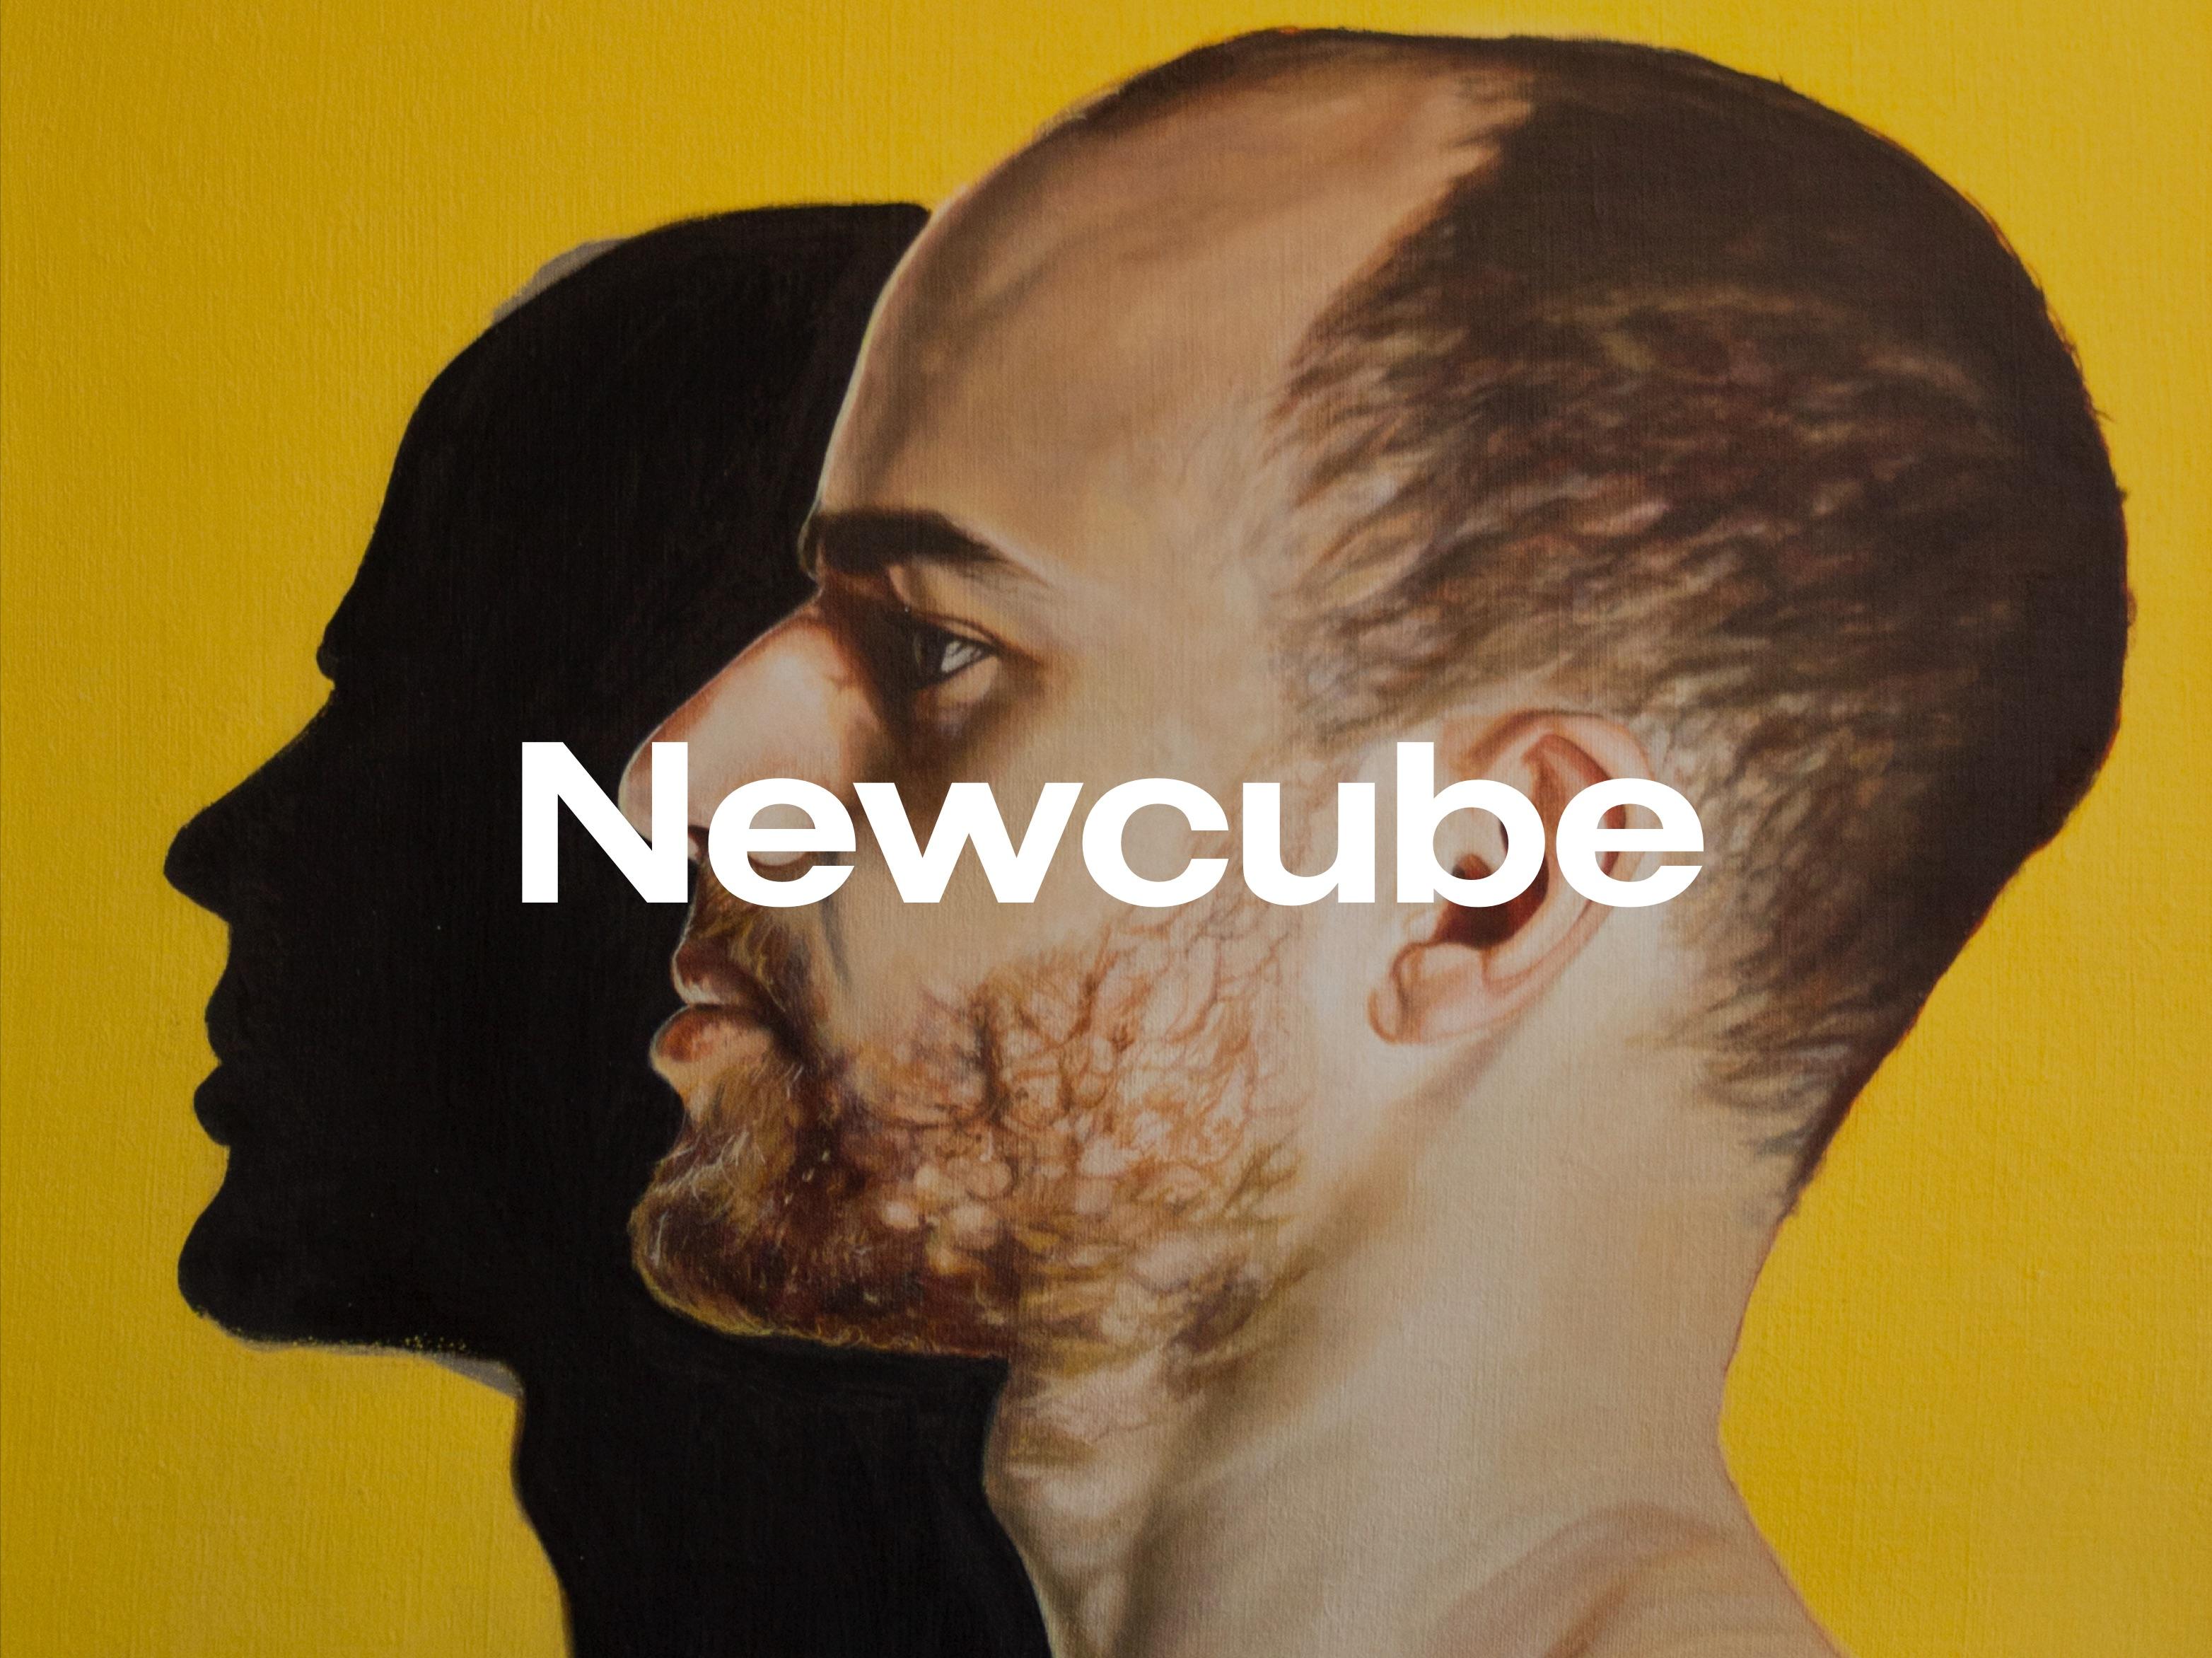 Newcube - Création de site internet